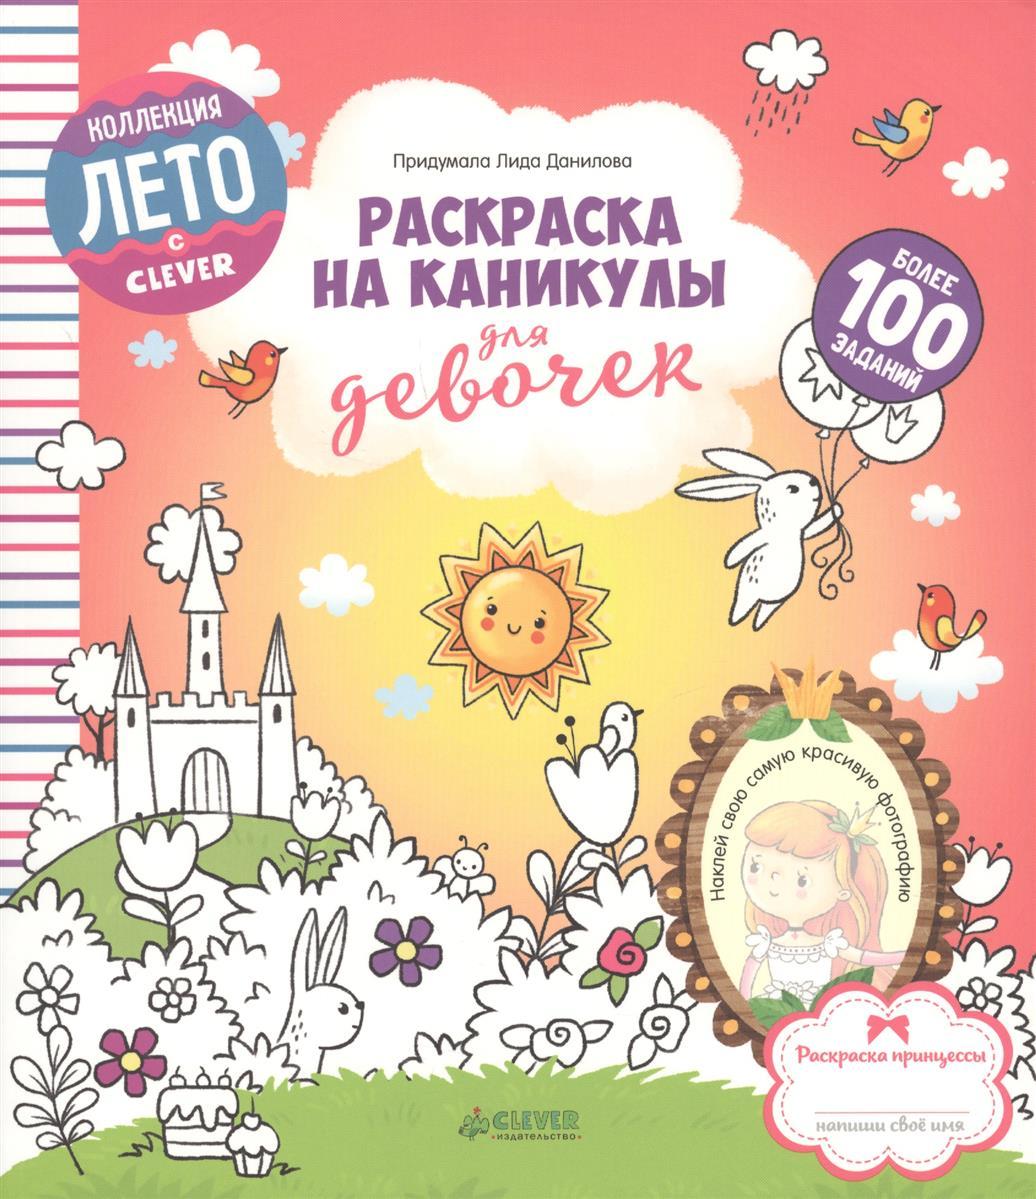 Данилова Л. Раскраска на каникулы для девочек. Более 100 заданий данилова л самая лучшая раскраска для мальчиков